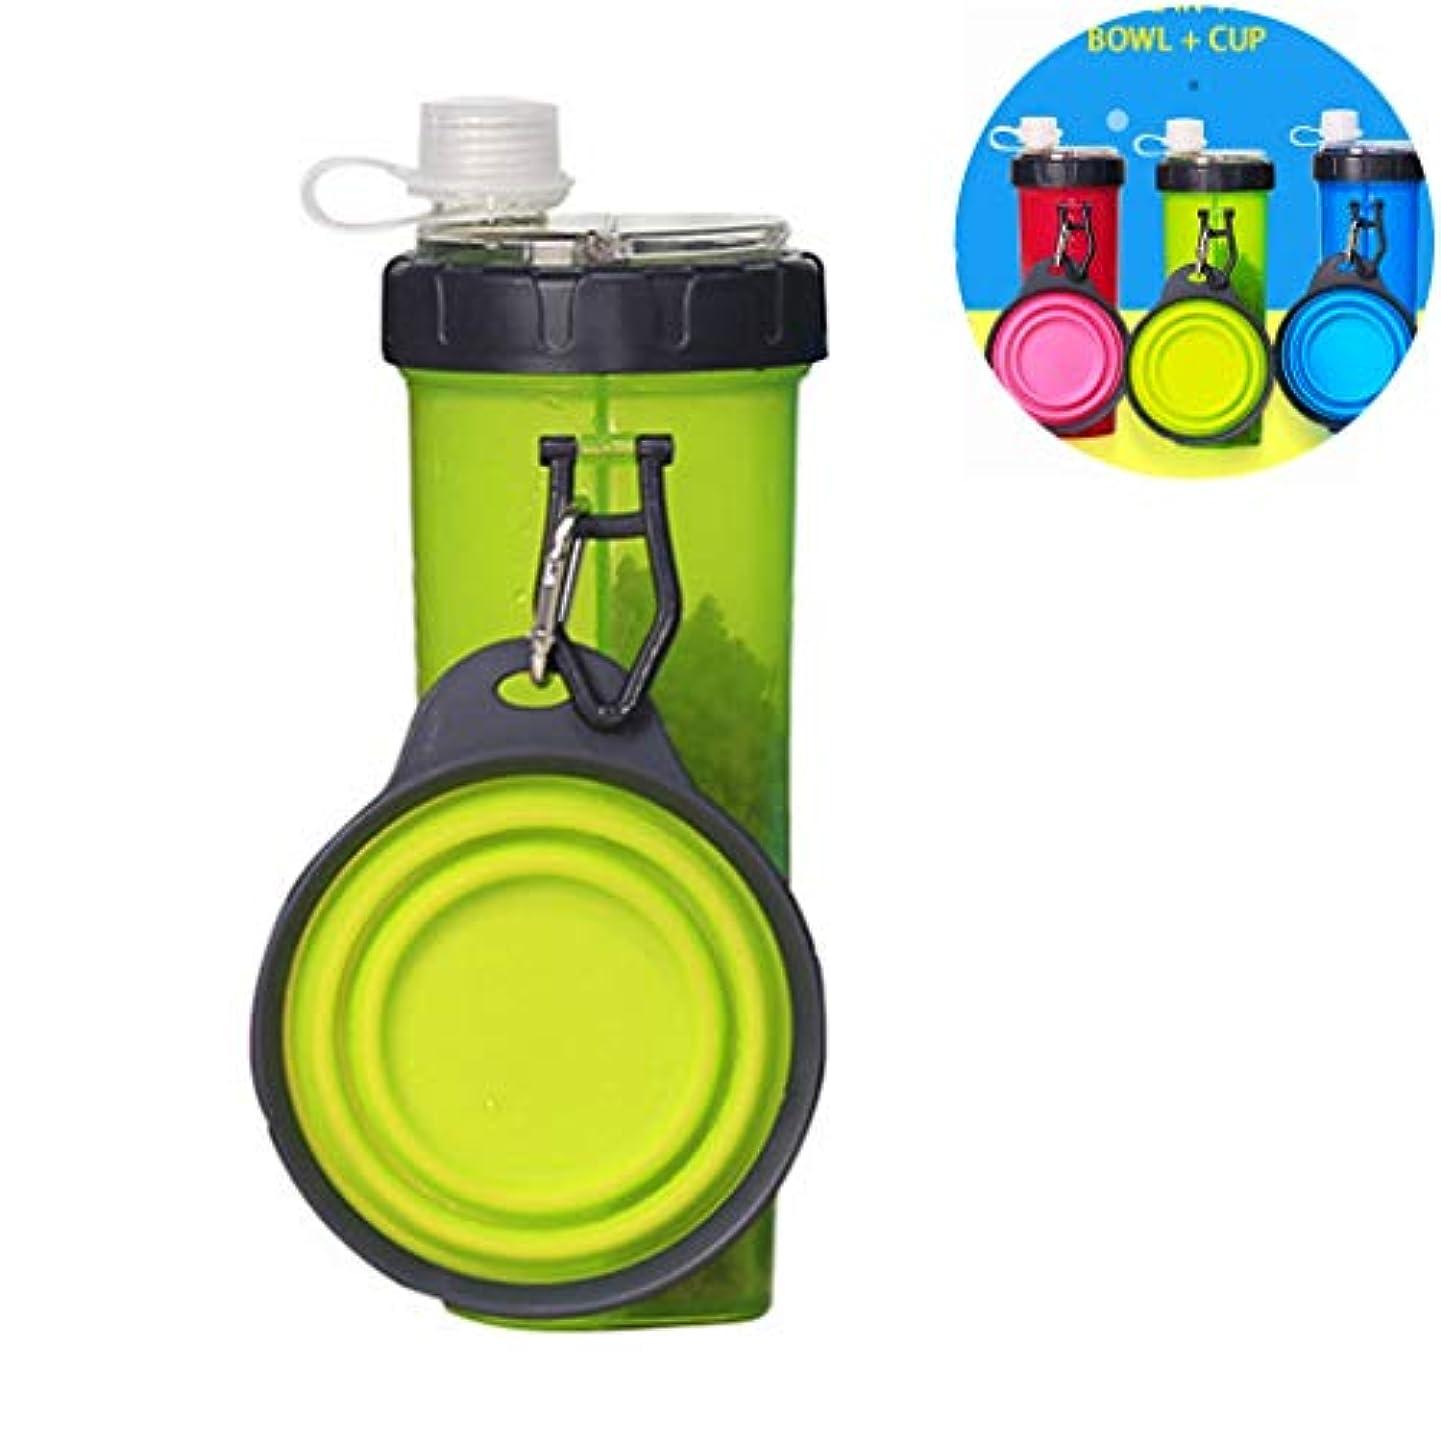 YeaKoo 両用 2in1 ペットボトル 給食器 ウォーターカップ ポータブル 携帯便利 アウトドア 容量調節可 水漏れ 外出 旅行 お散歩 犬 猫 ペット用 グリーン